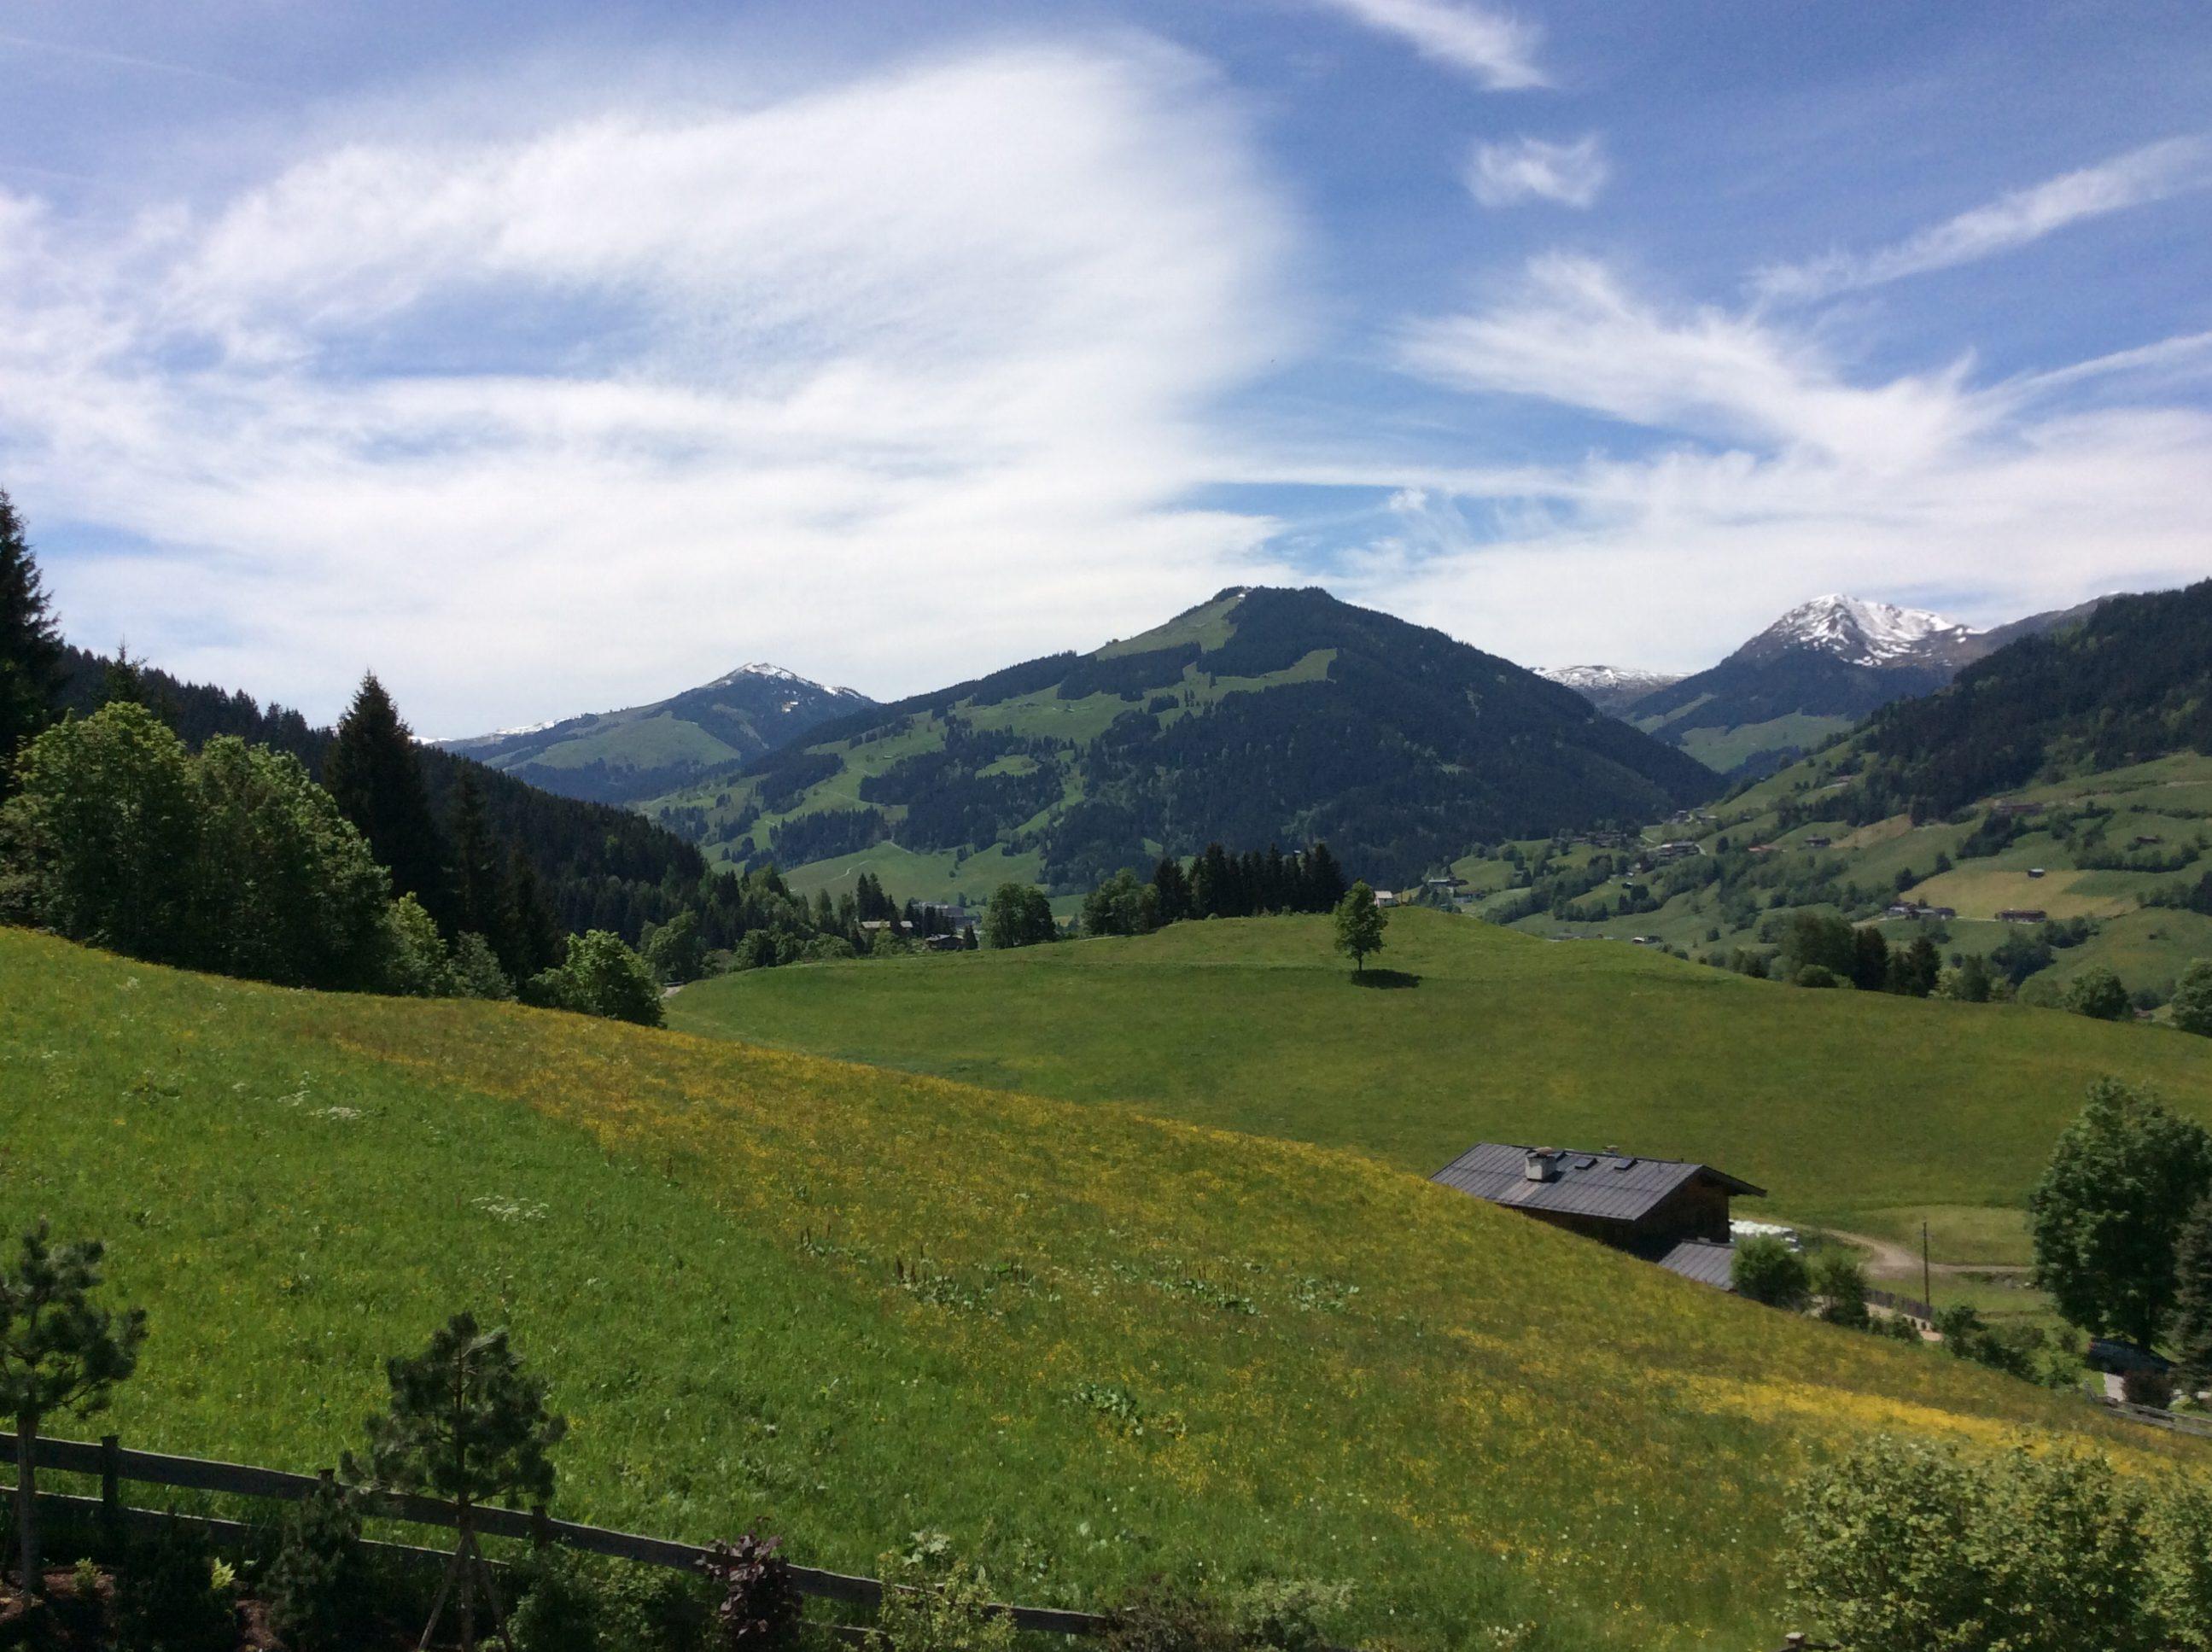 Blick vom Anwesen in der Kochau/Aureach auf die Wagstätt, den Rettenstein und den Zweitausender